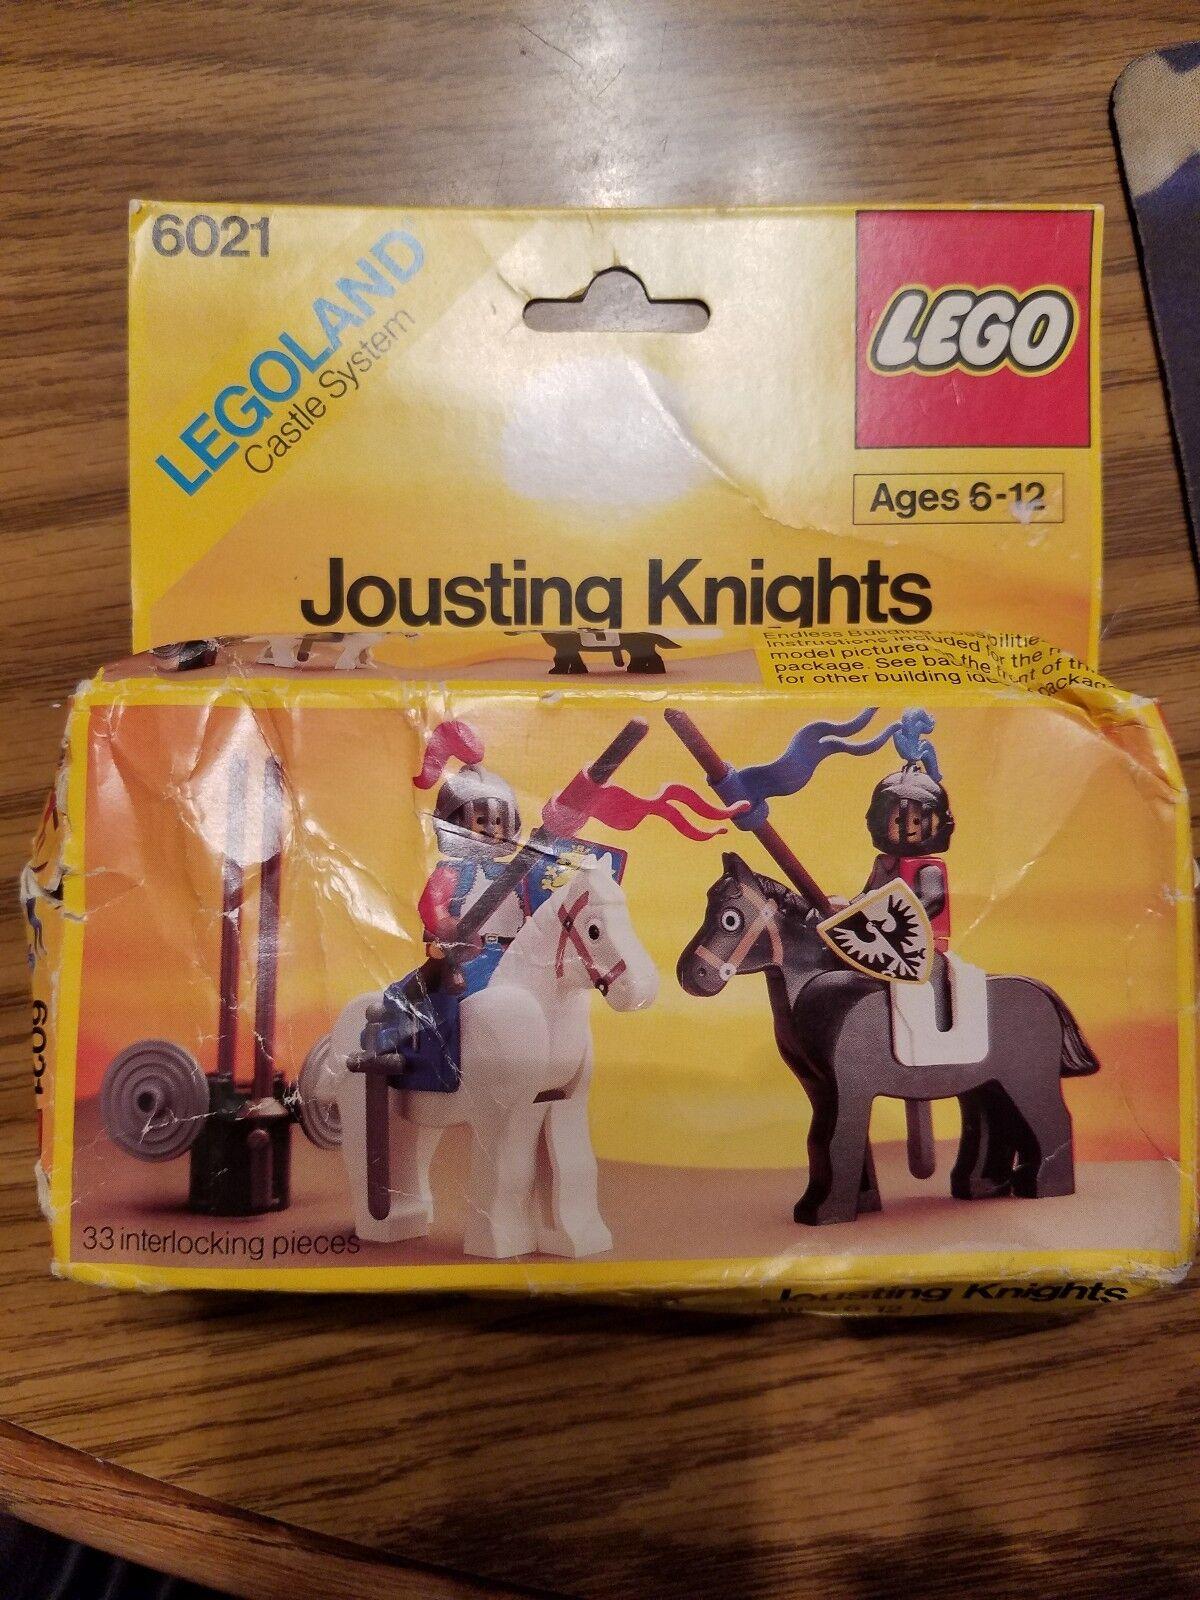 Nouveau LEGO Castle 6021 joute chevaliers Scellé-Legoland-Navires World  grand  de gros